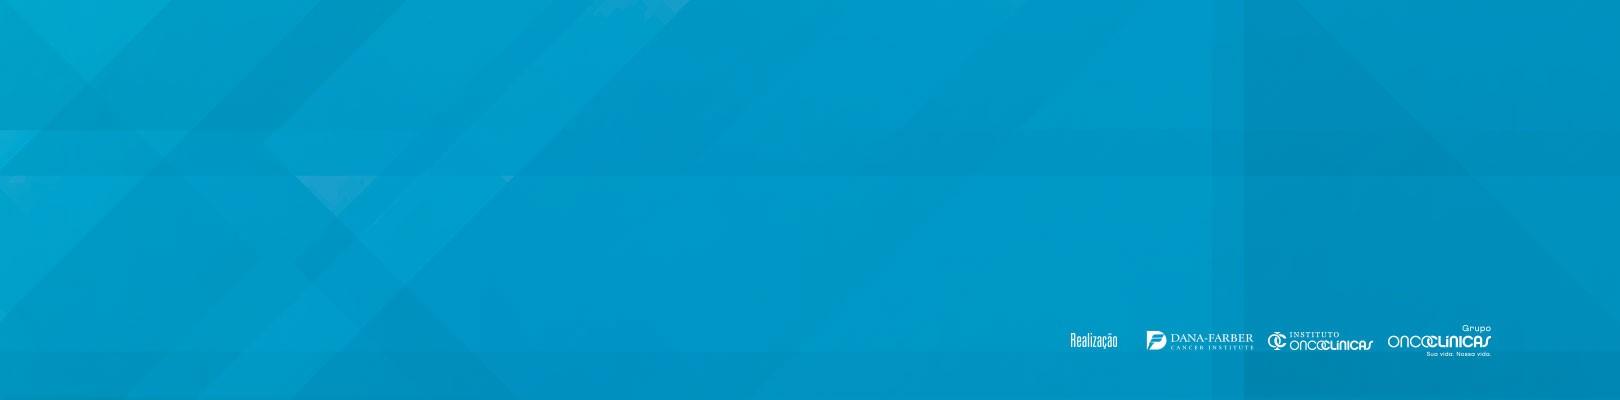 Bannerinterno 1620x400px%200657.29.08.2017